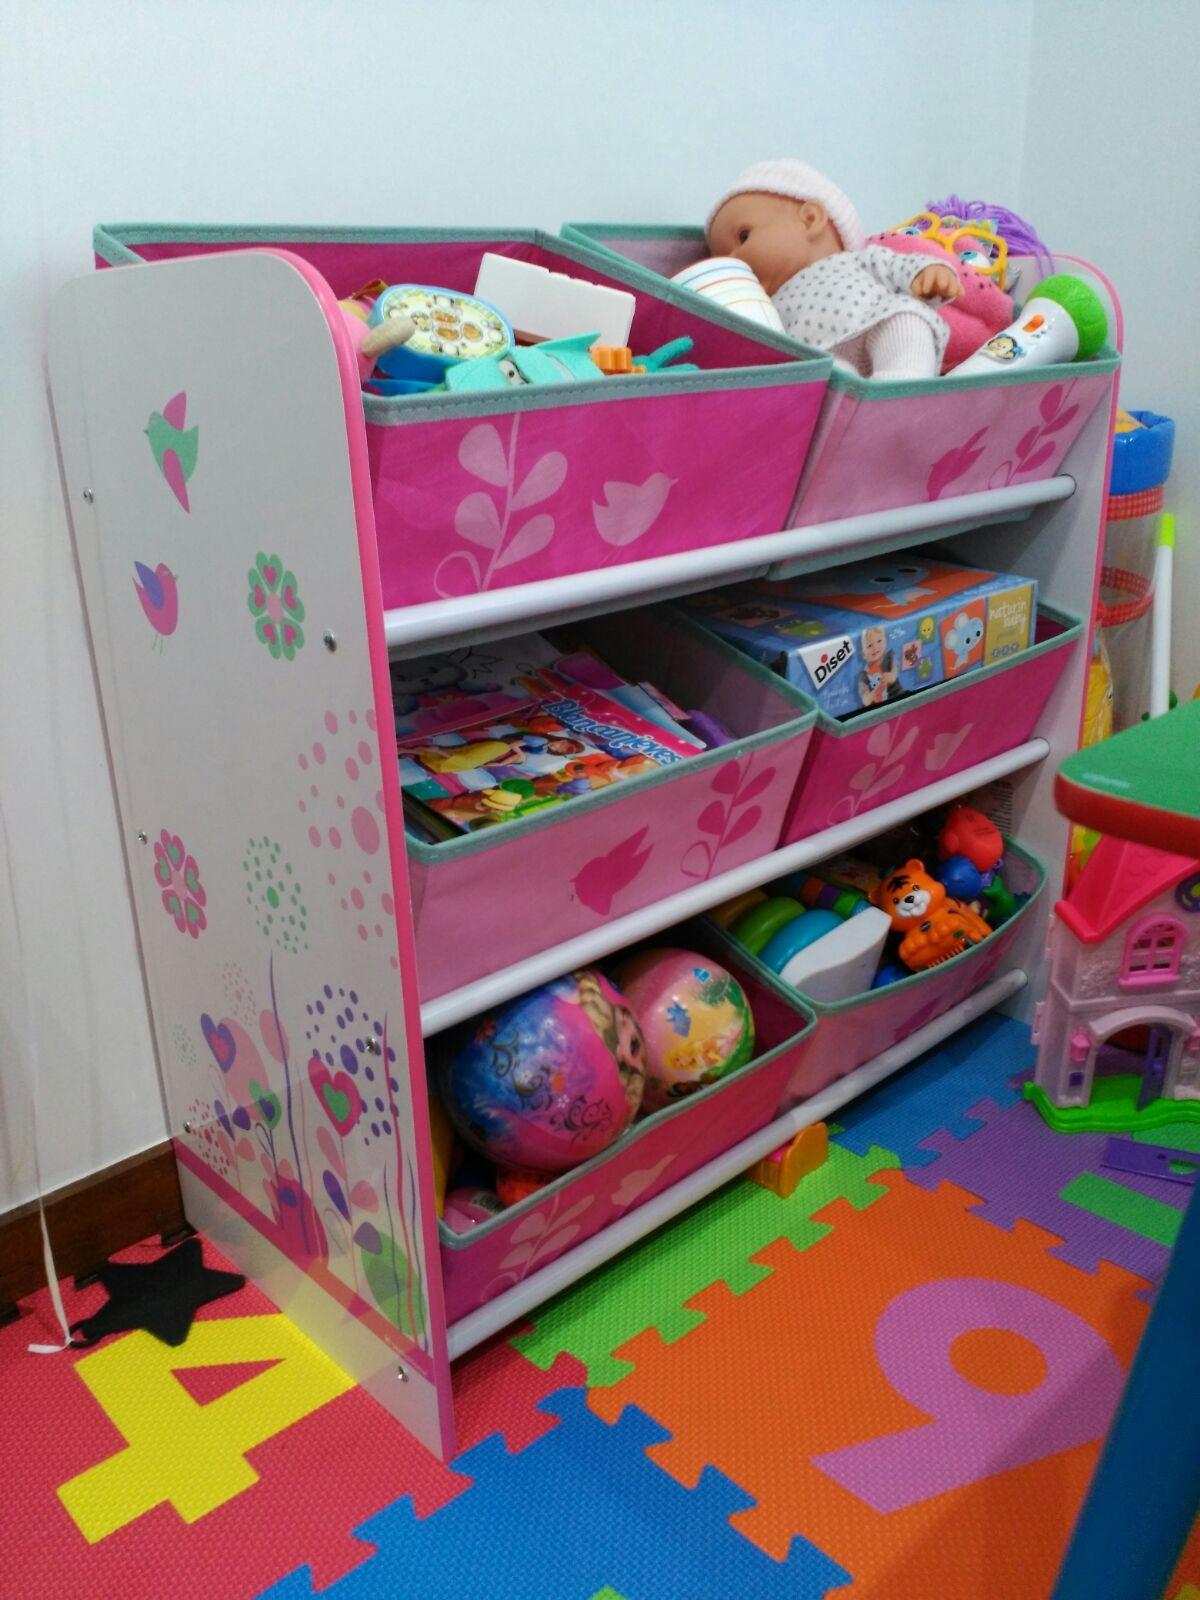 Organizador de juguetes colors env o 24h gratis - Cajones guarda juguetes ...